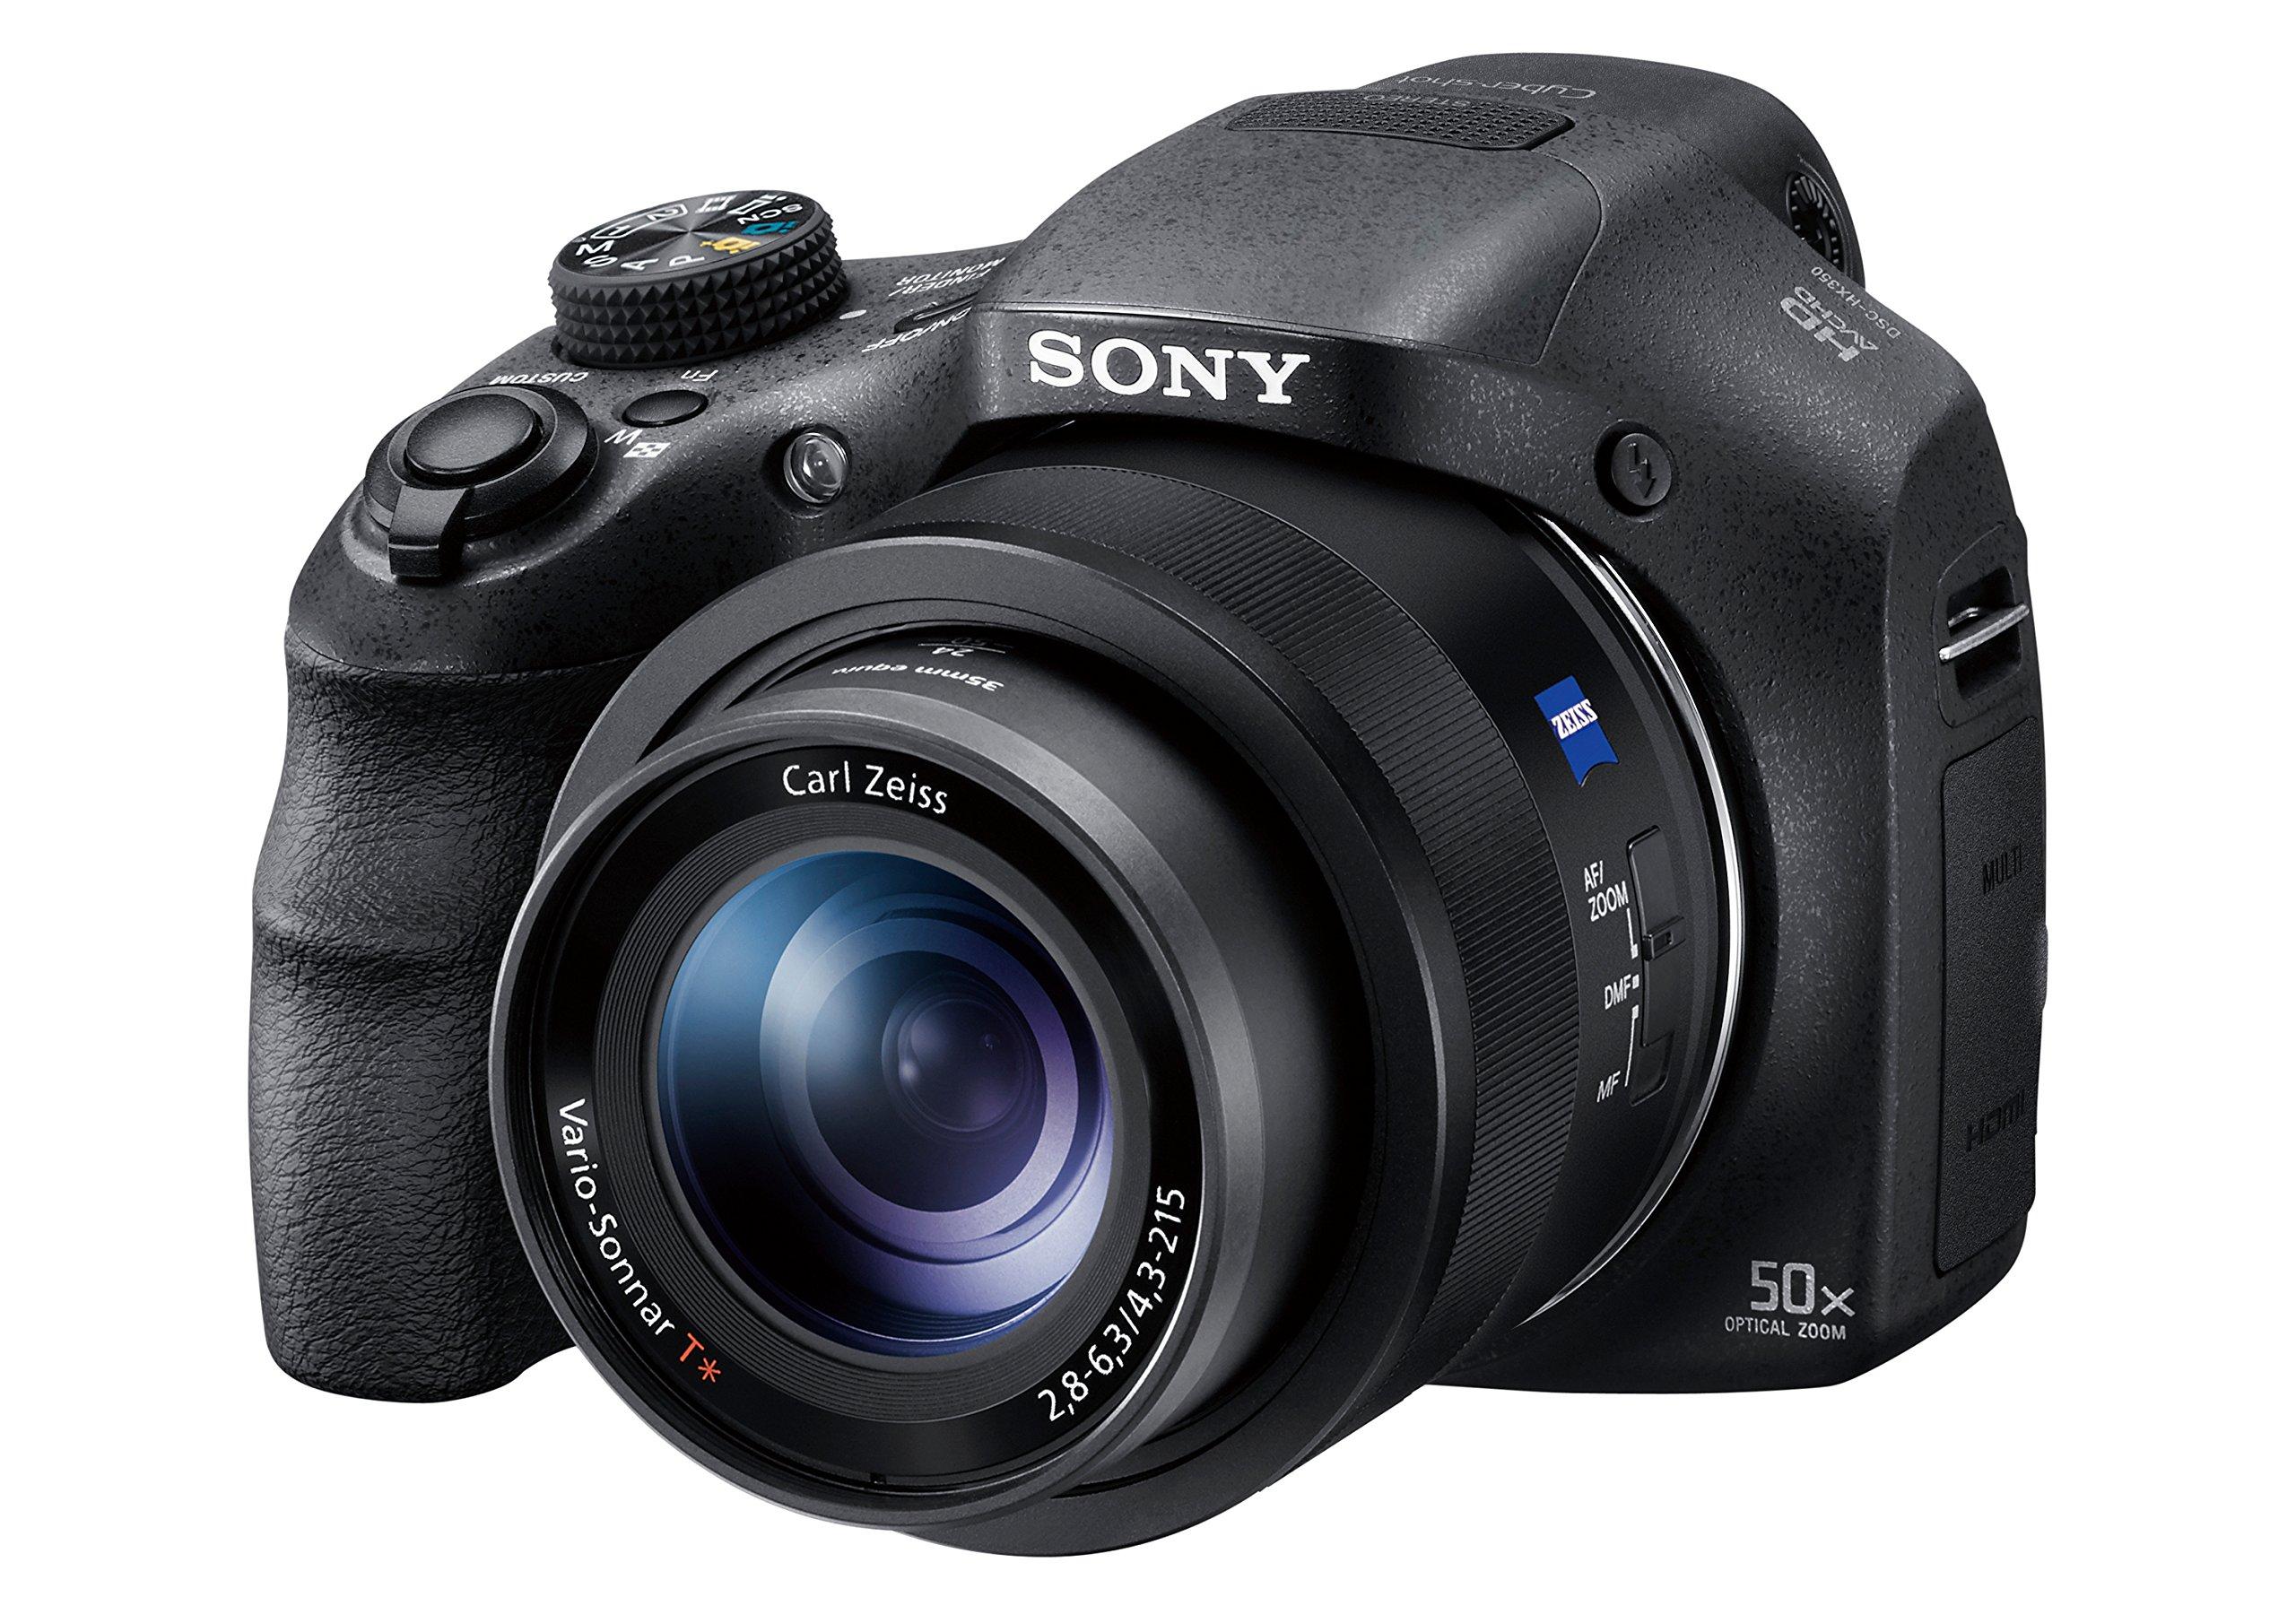 Sony DSC-HX350 - Cámara Bridge (Zoom 50x, Sensor retroiluminado CMOS de 20.4 megapíxel, BionZ X y Modo AF avanzado) Color Negro product image